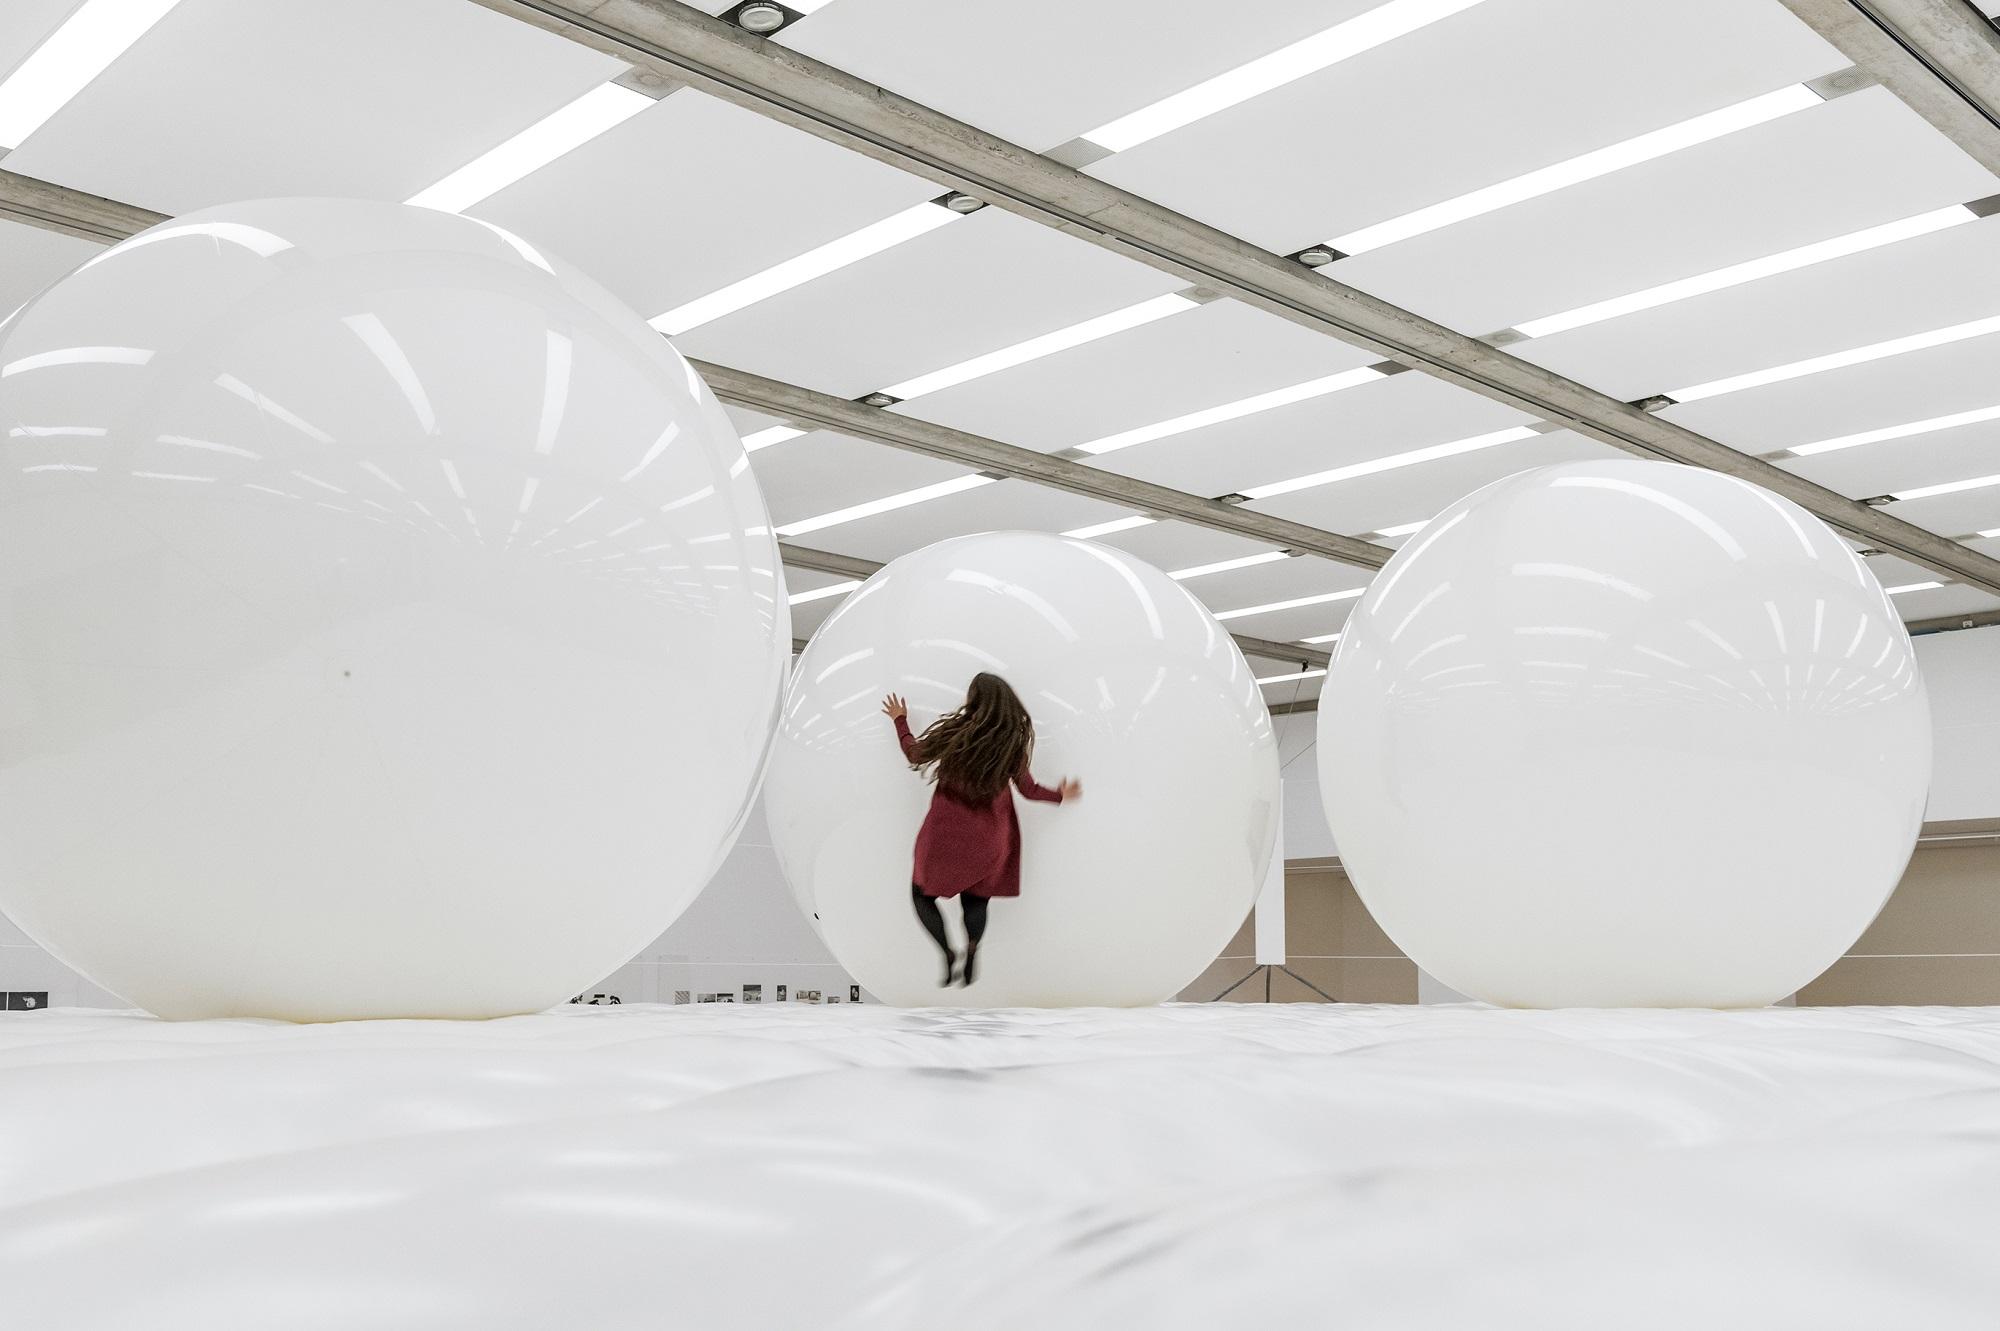 Frau auf Riesenbillard in Alfred Schmeller-Ausstellung